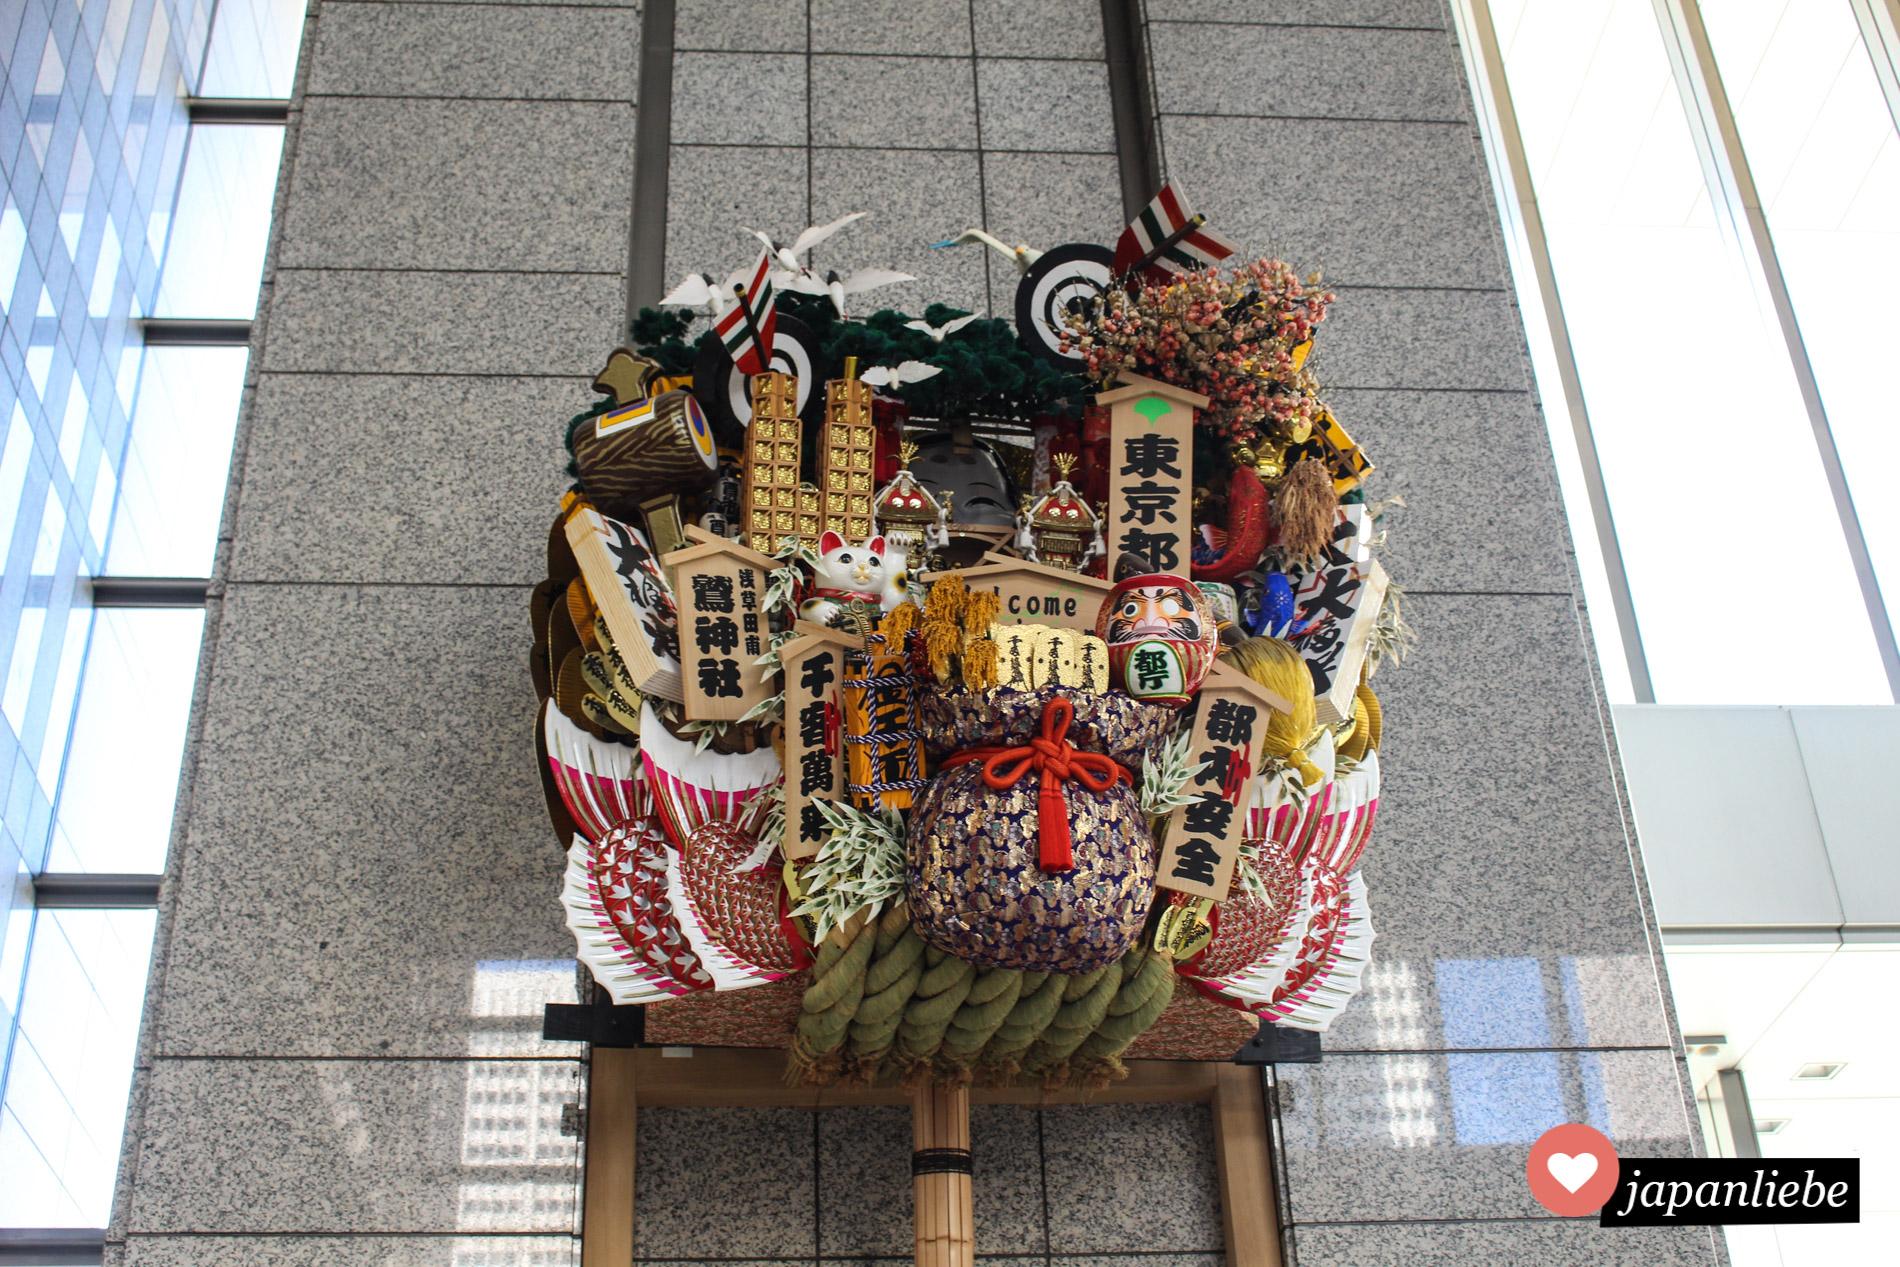 Üppige Neujahrsdeko im Rathaus von Tokio.